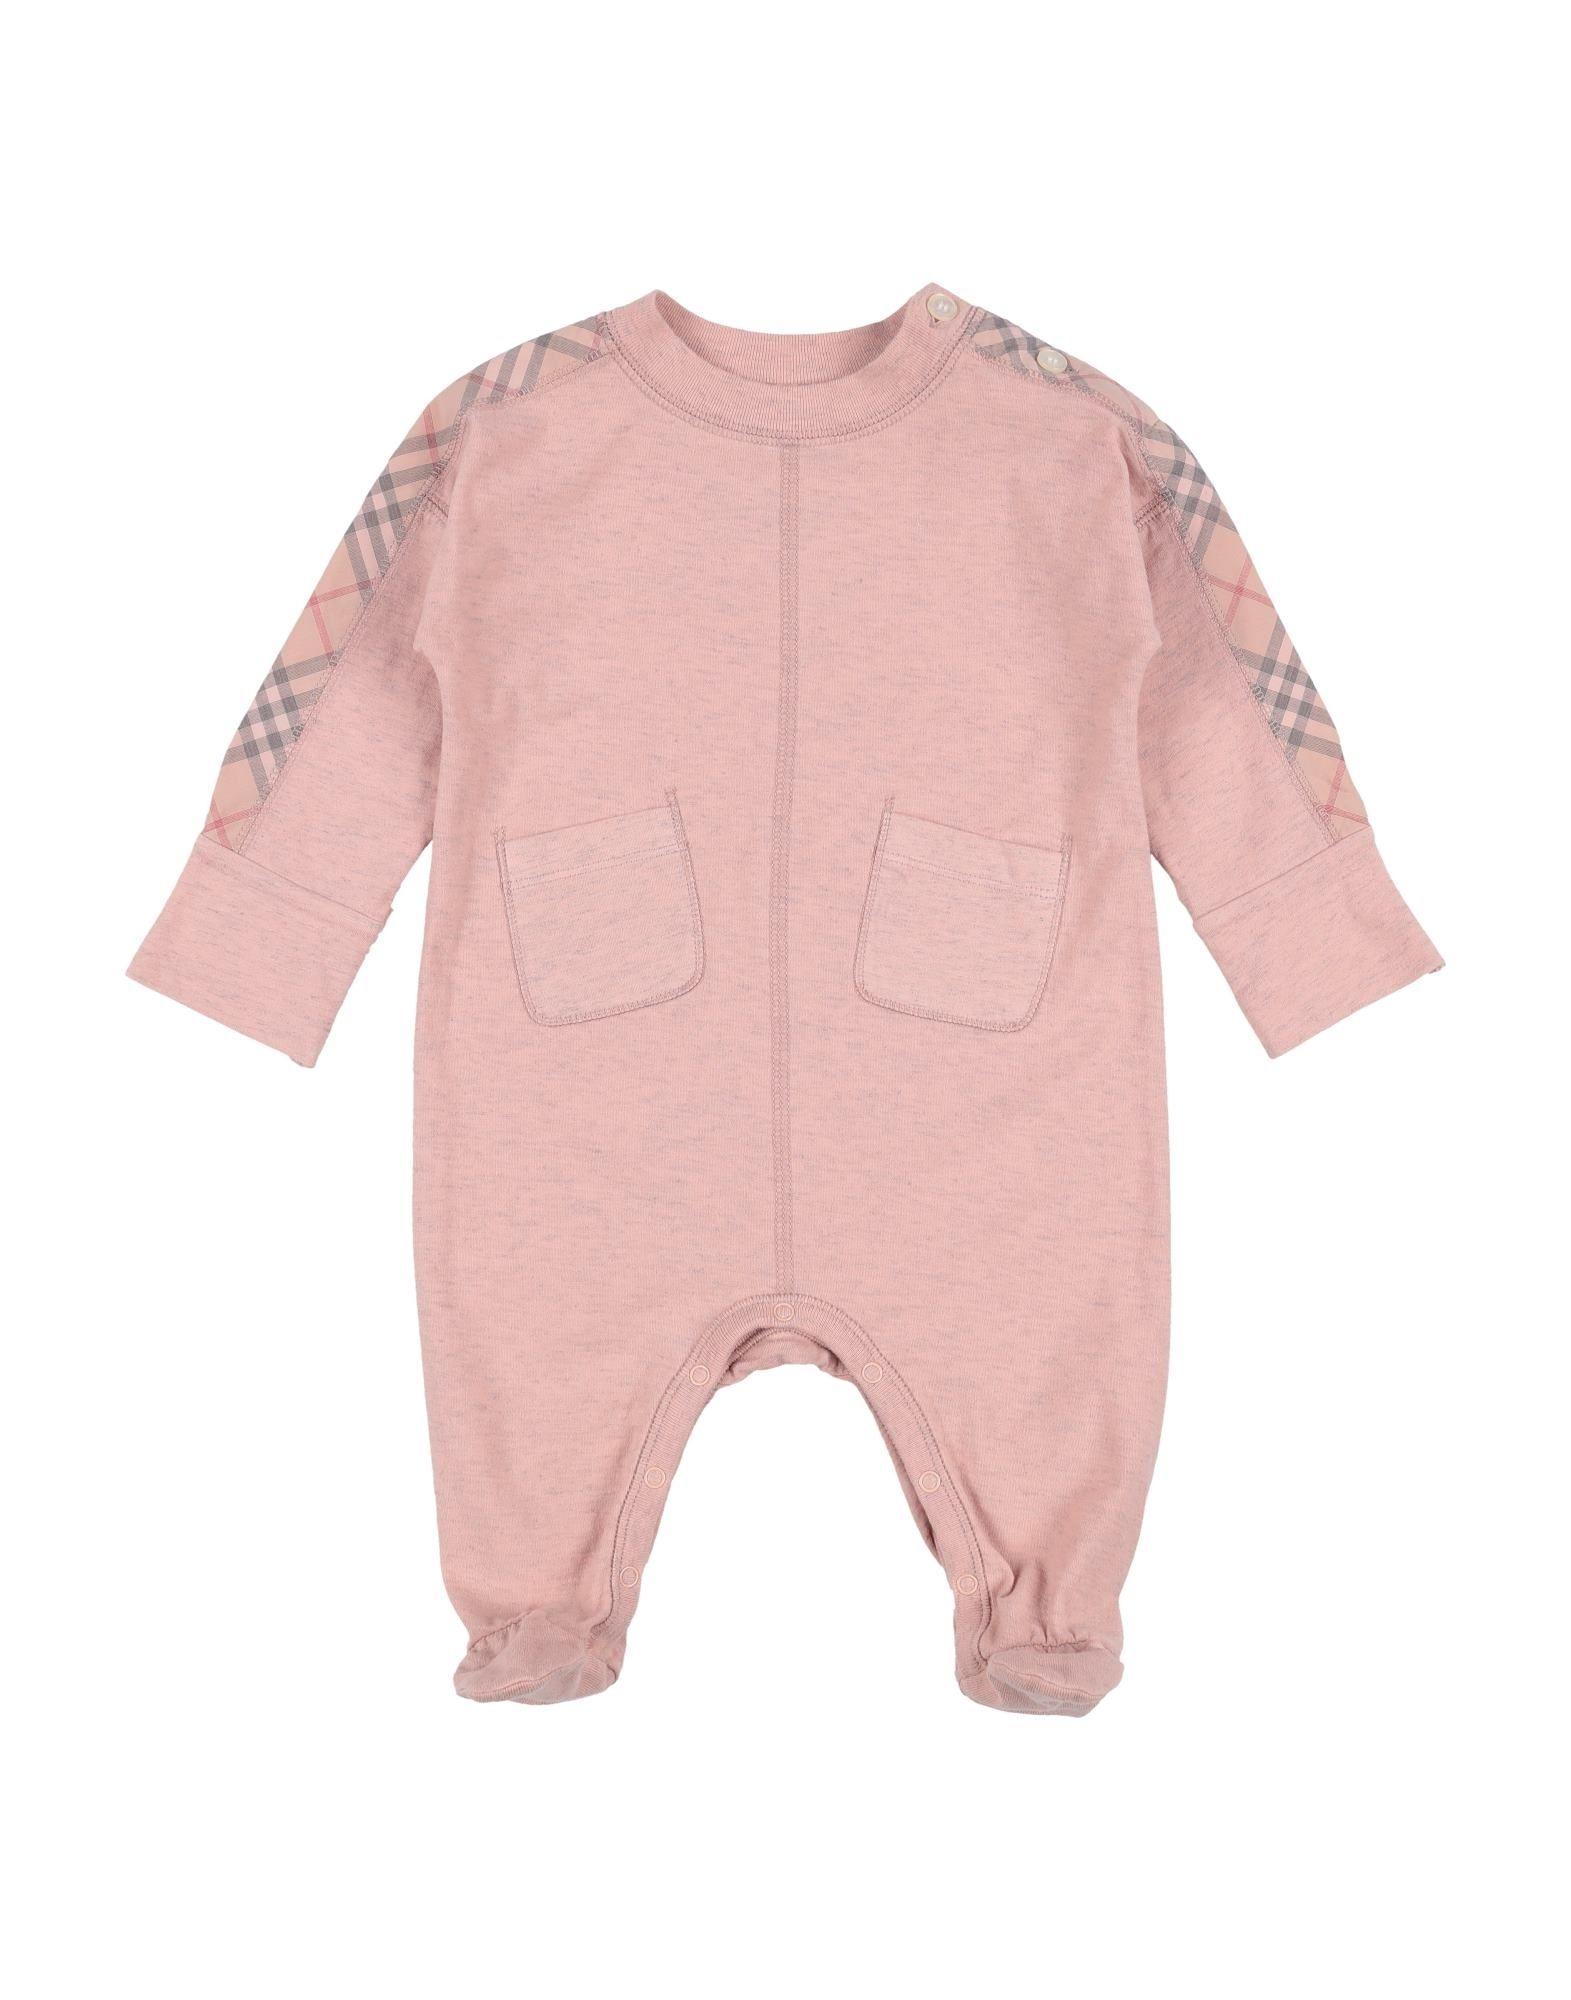 7b3a1c1f1635a 《期間限定セール中》BURBERRY ガールズ 0-24 ヶ月 乳幼児用ロンパース パステル